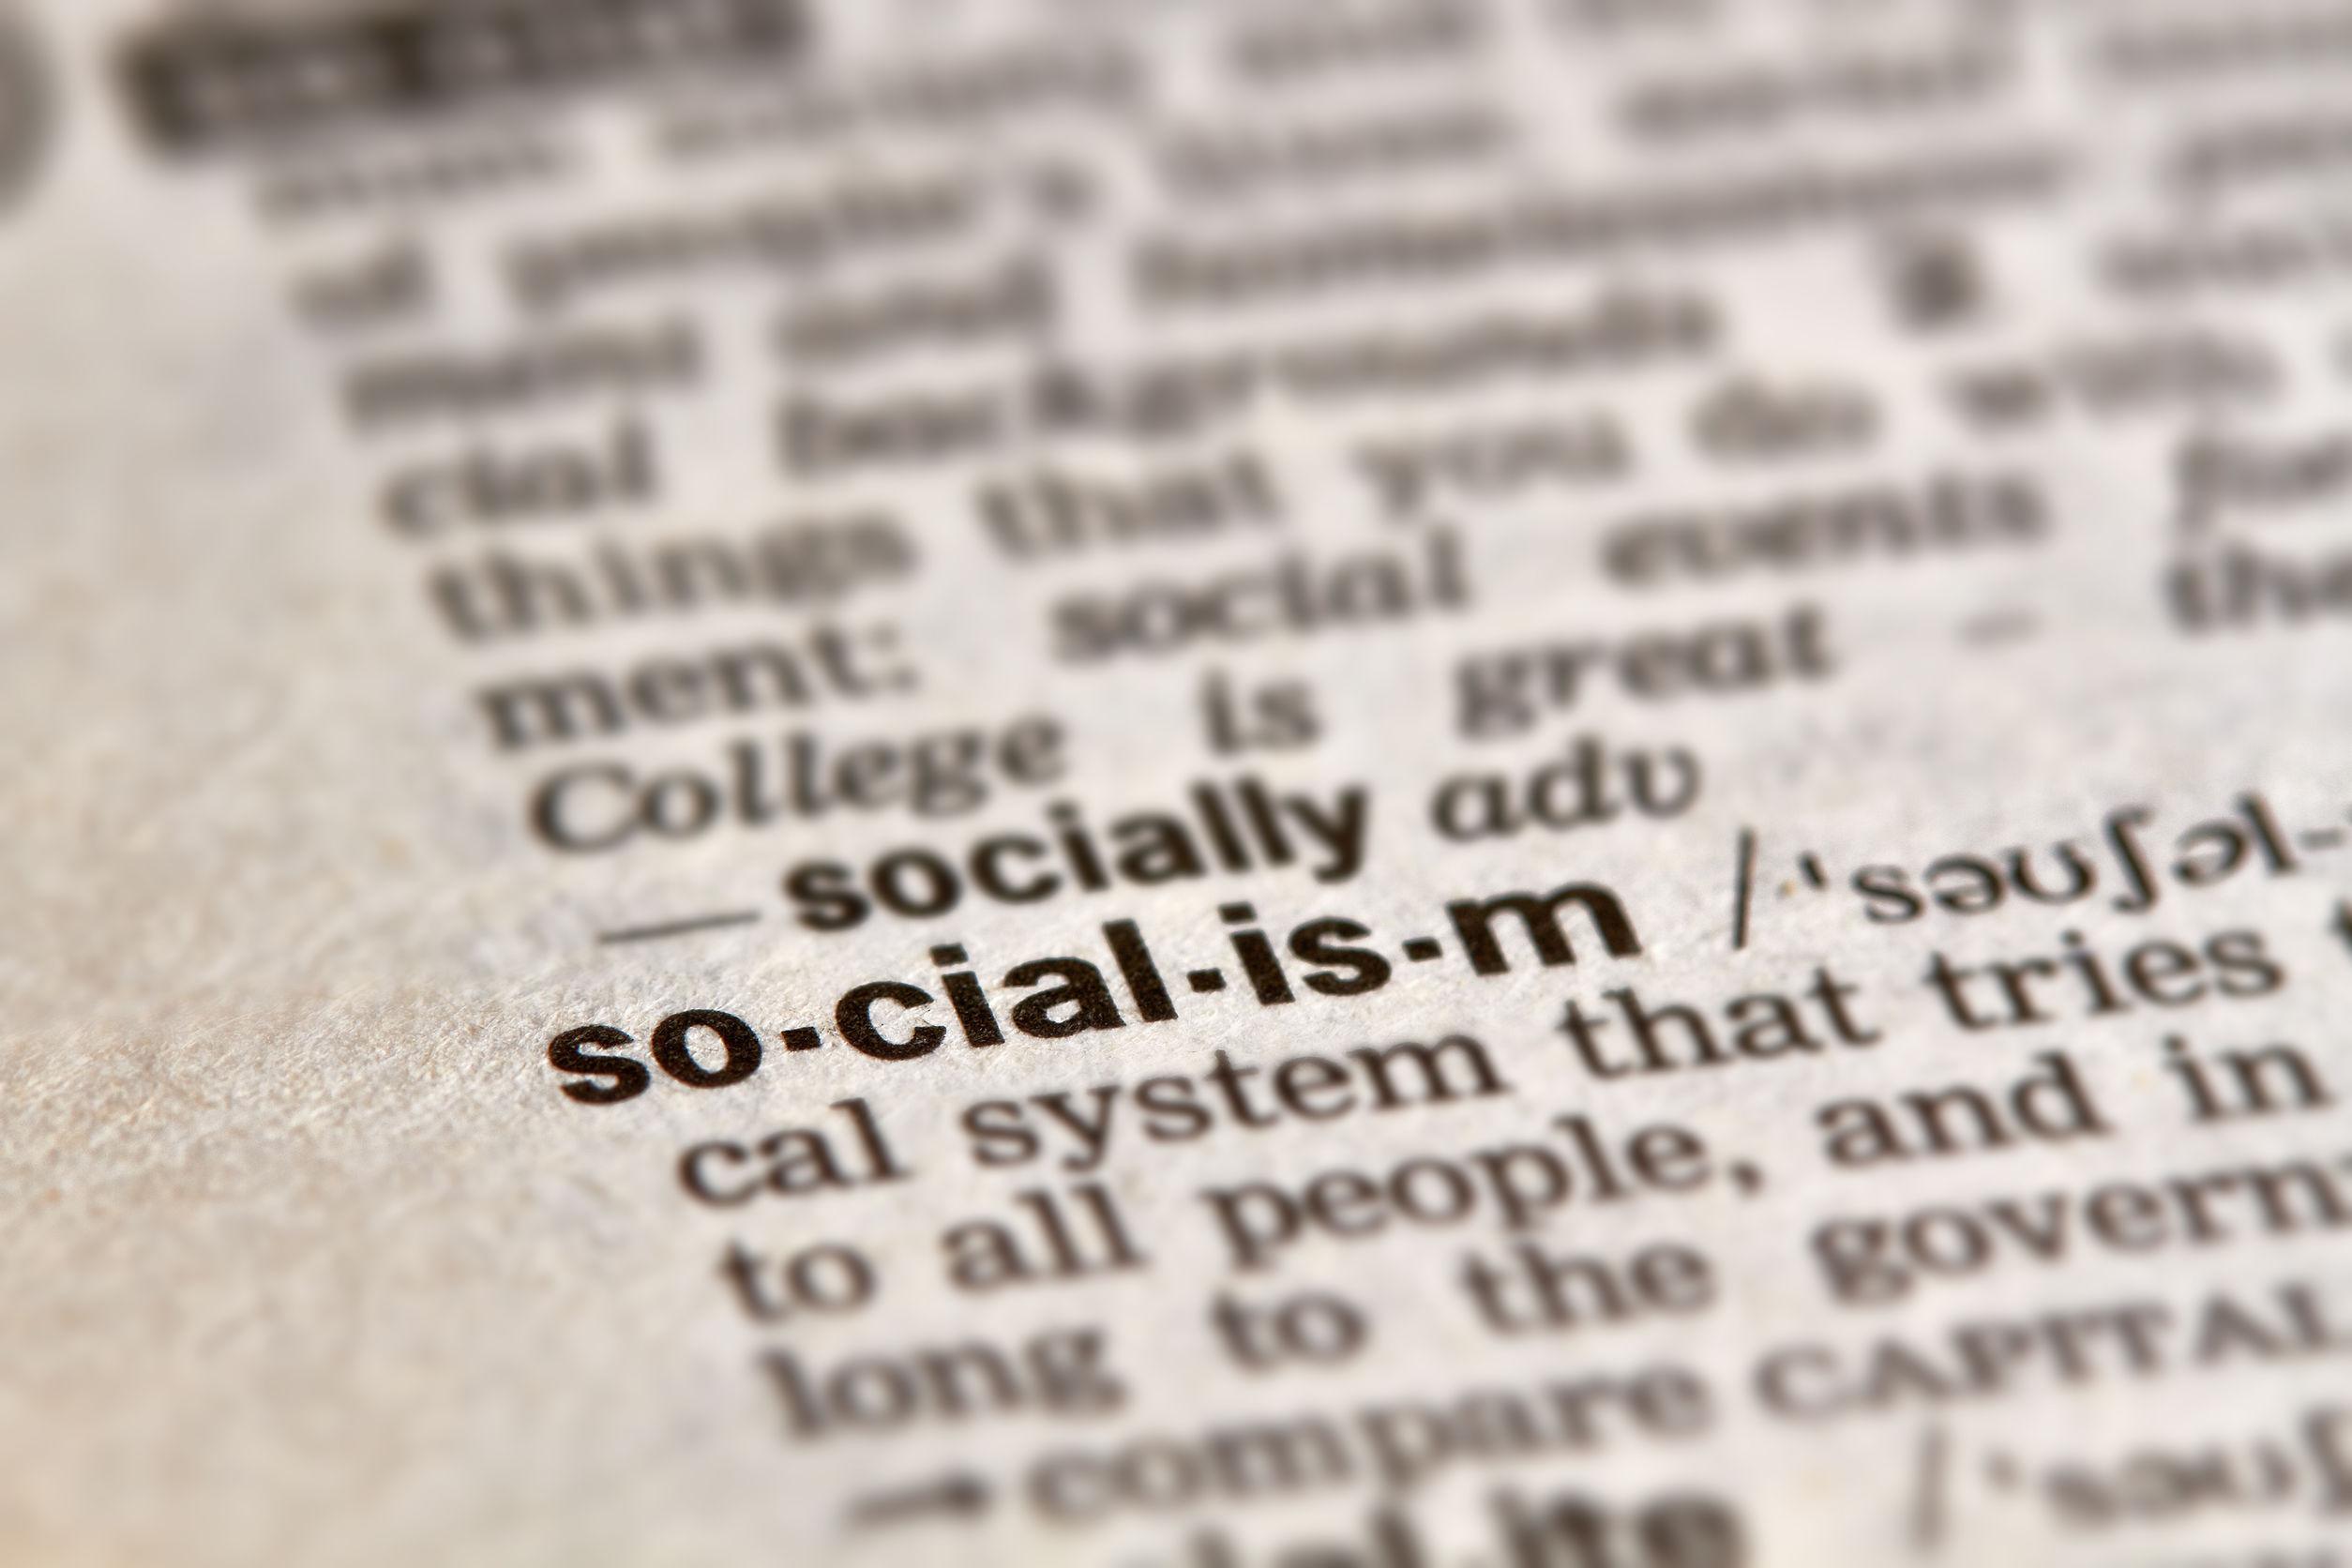 #CentenarulRosu: De la utopia socialistă, la eşecul comunismului şi destrămarea Pactului Varşovia (II)